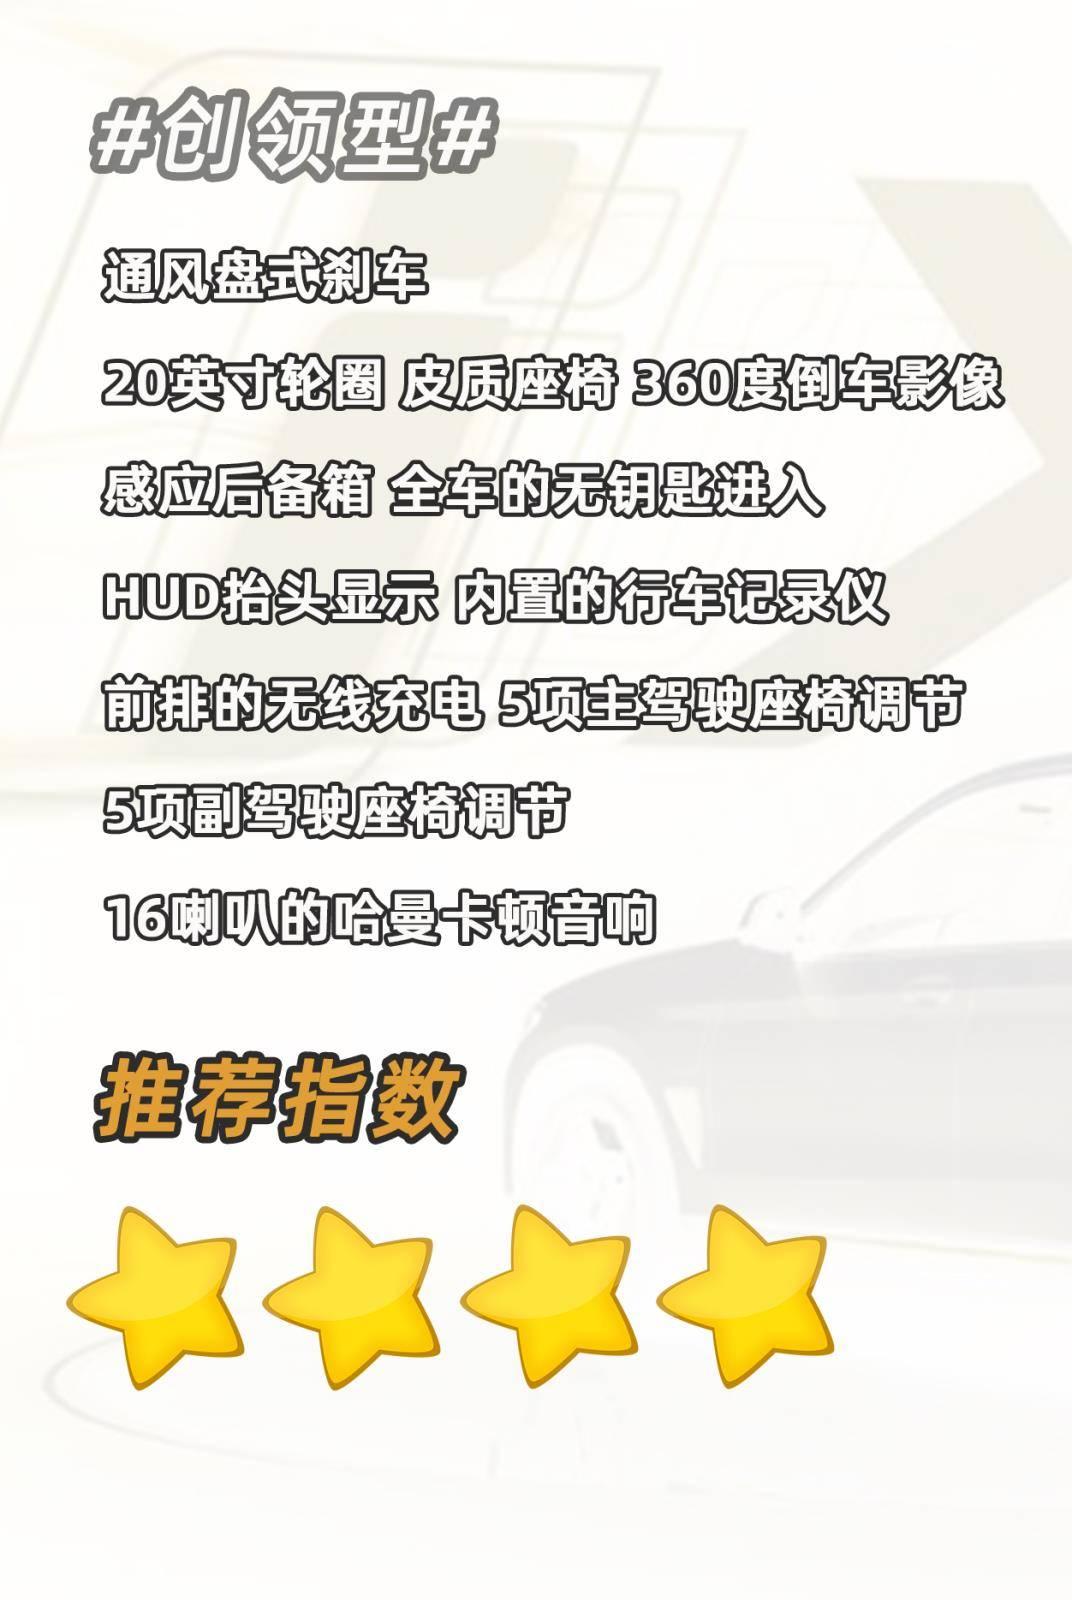 宝马ix3购车手册:首推入门领先型版本,续航高、配置齐全